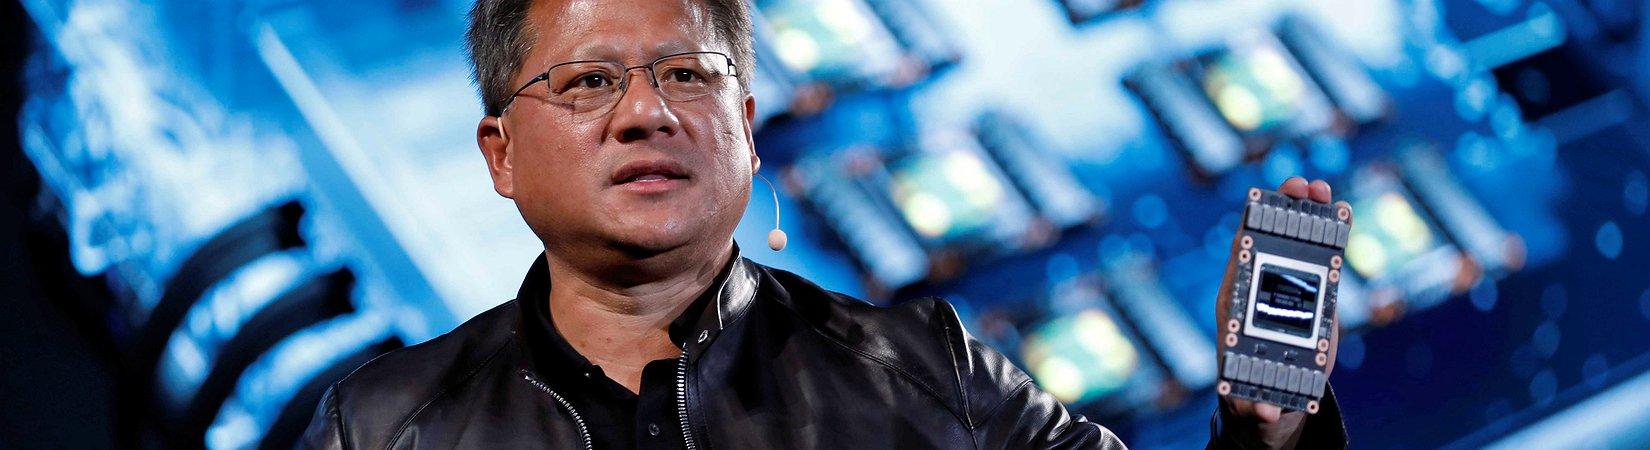 4 razones para comprar acciones de NVIDIA antes de que suban todavía más